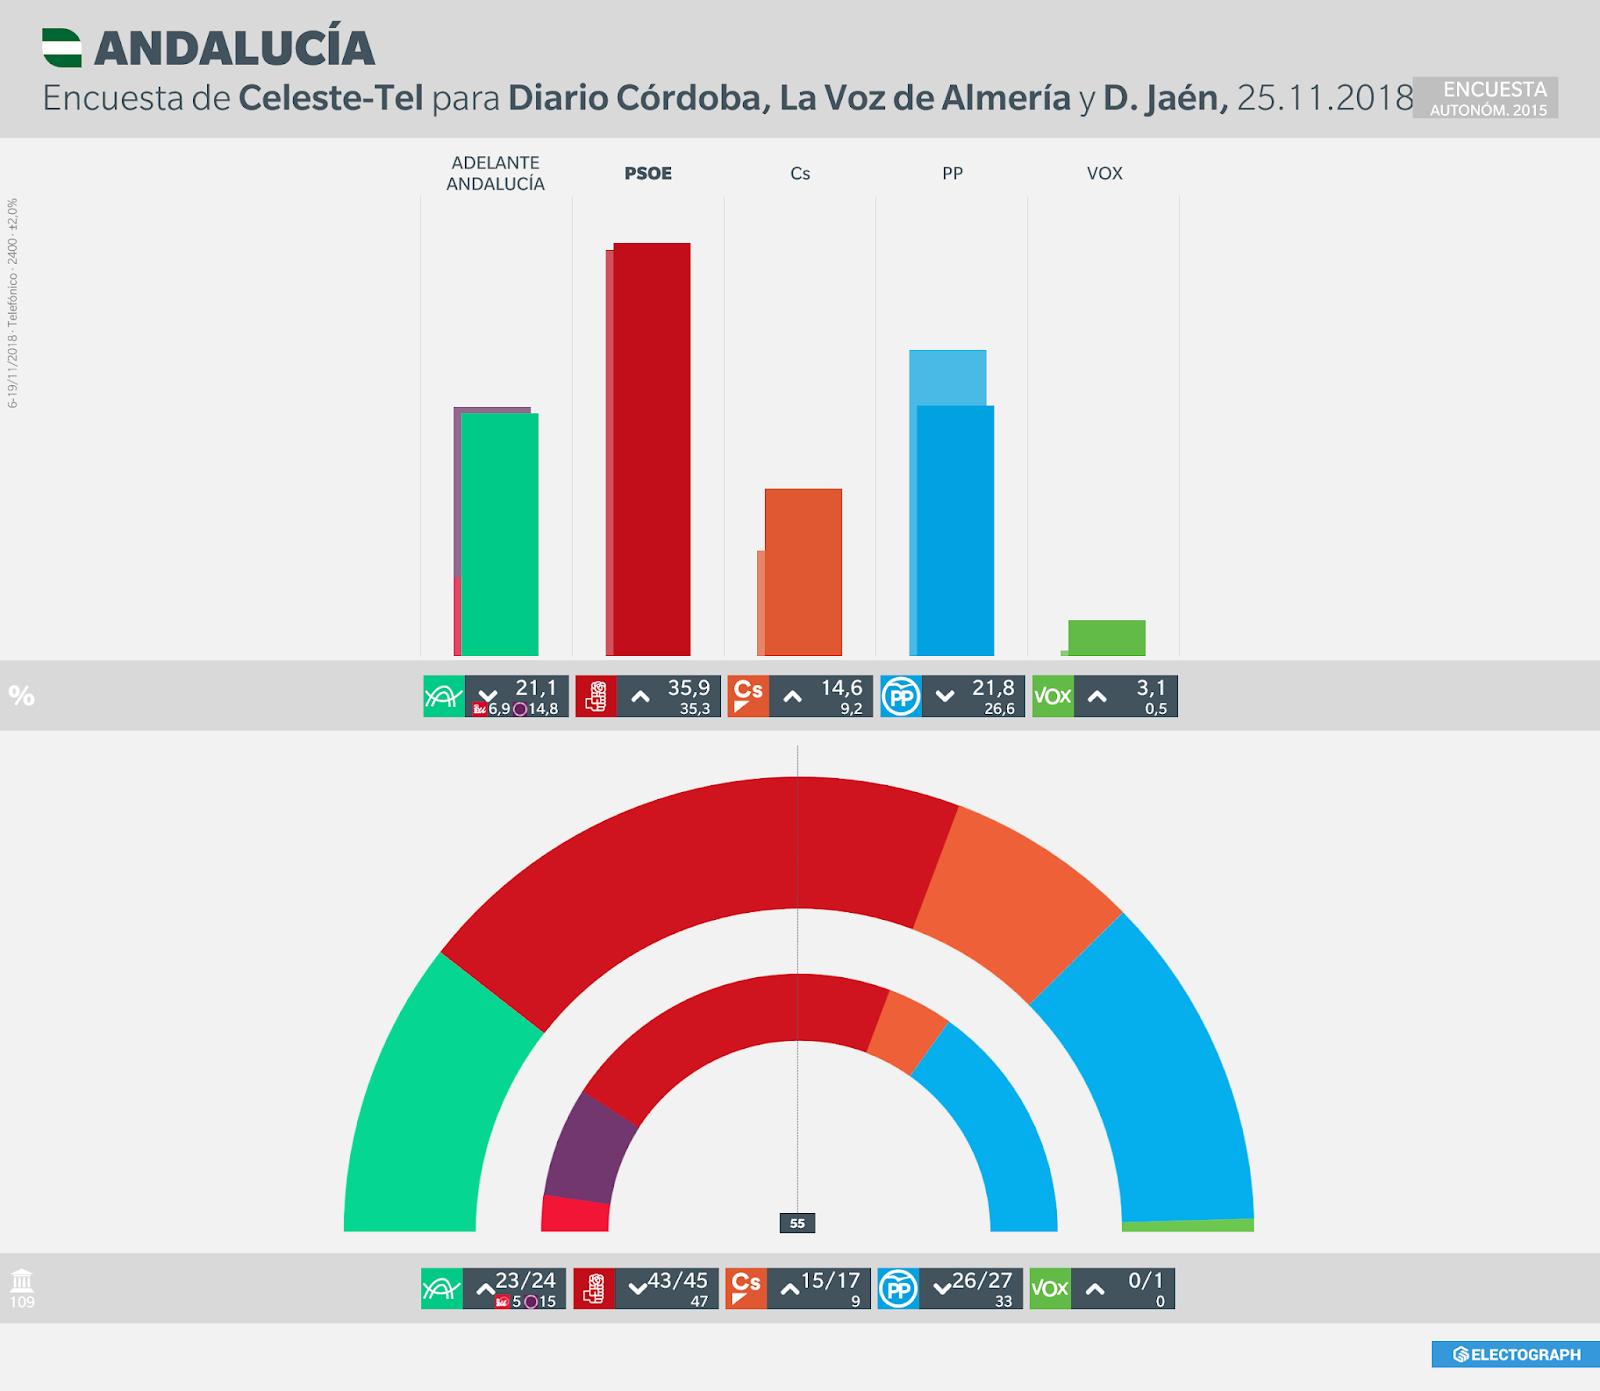 Gráfico de la encuesta para elecciones autonómicas en Andalucía realizada por Celeste-Tel en noviembre de 2018